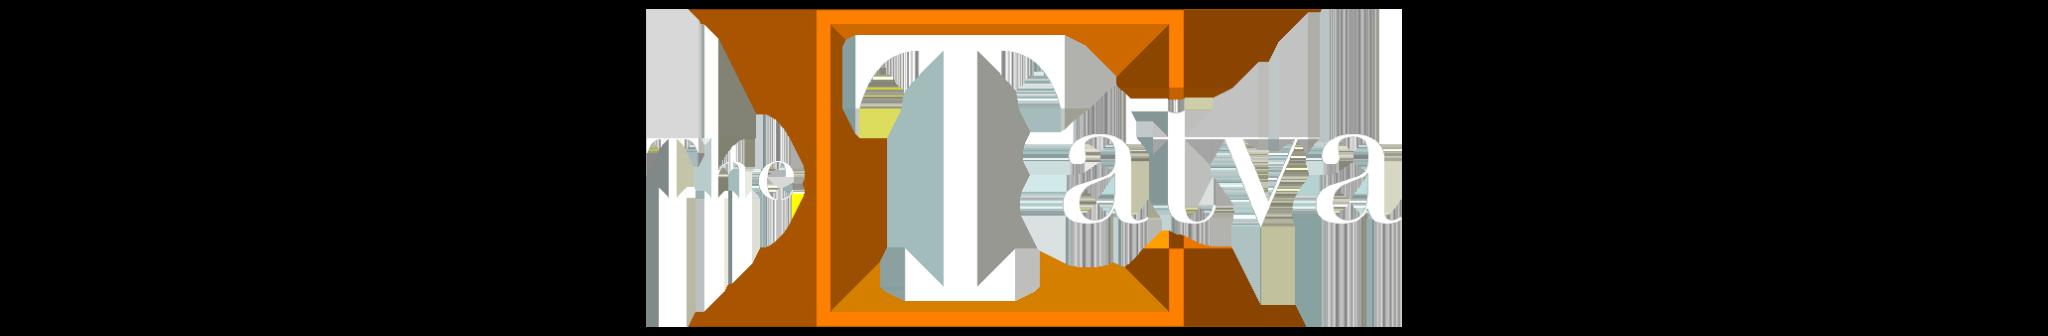 The Tatva